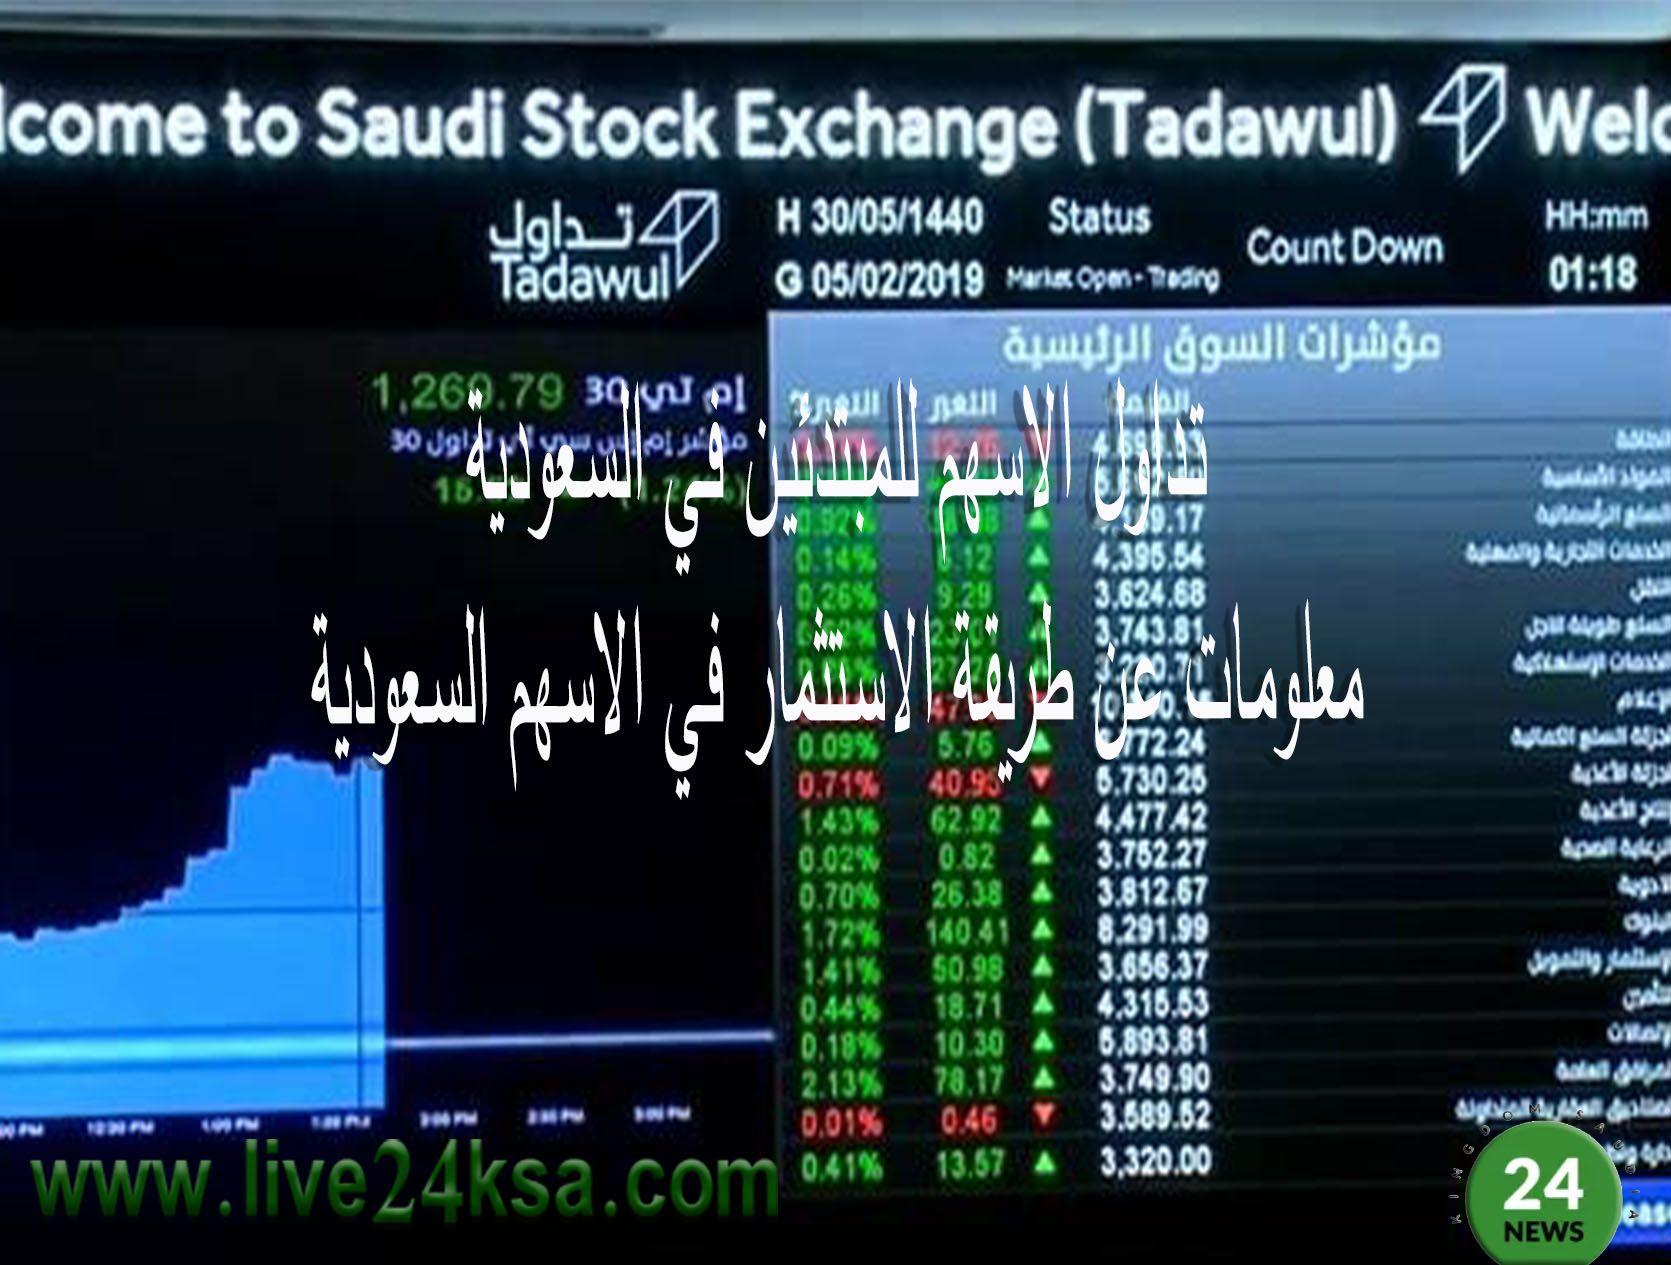 تداول الاسهم للمبتدئين في السعودية معلومات عن طريقة الاستثمار في الاسهم السعودية Weather Screenshot Weather Trading